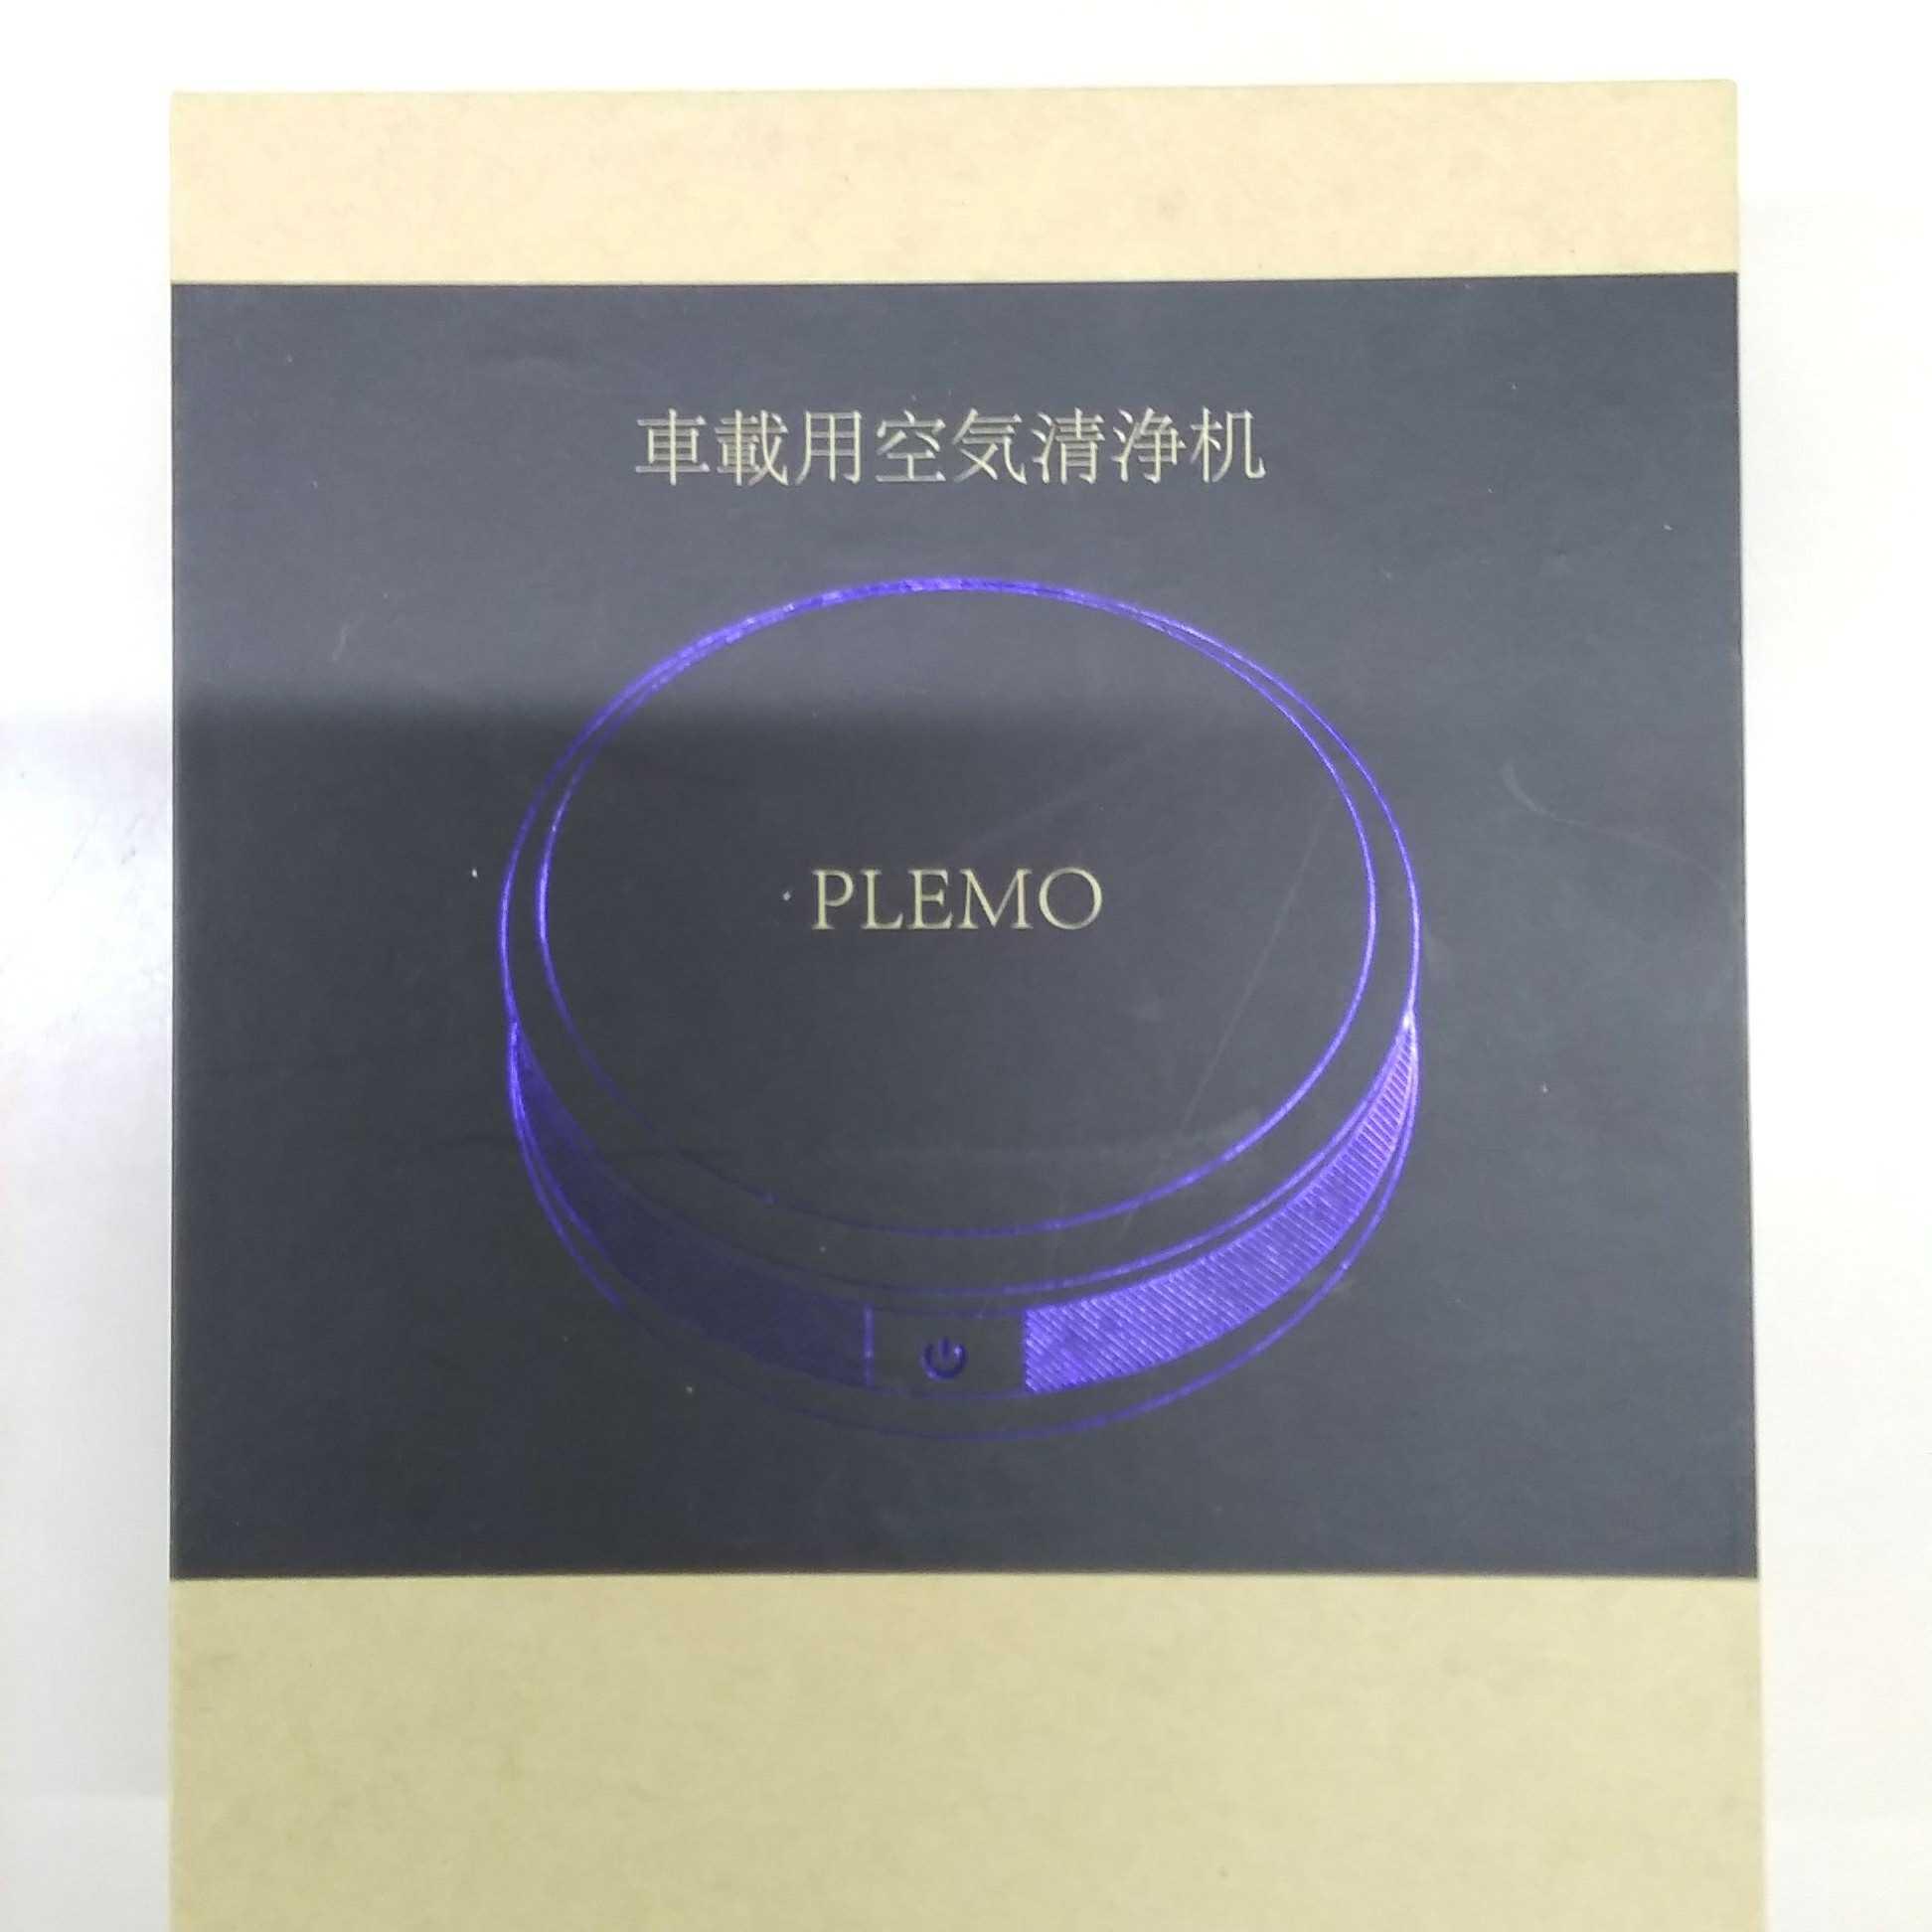 車載用空気清浄机|PLEMO